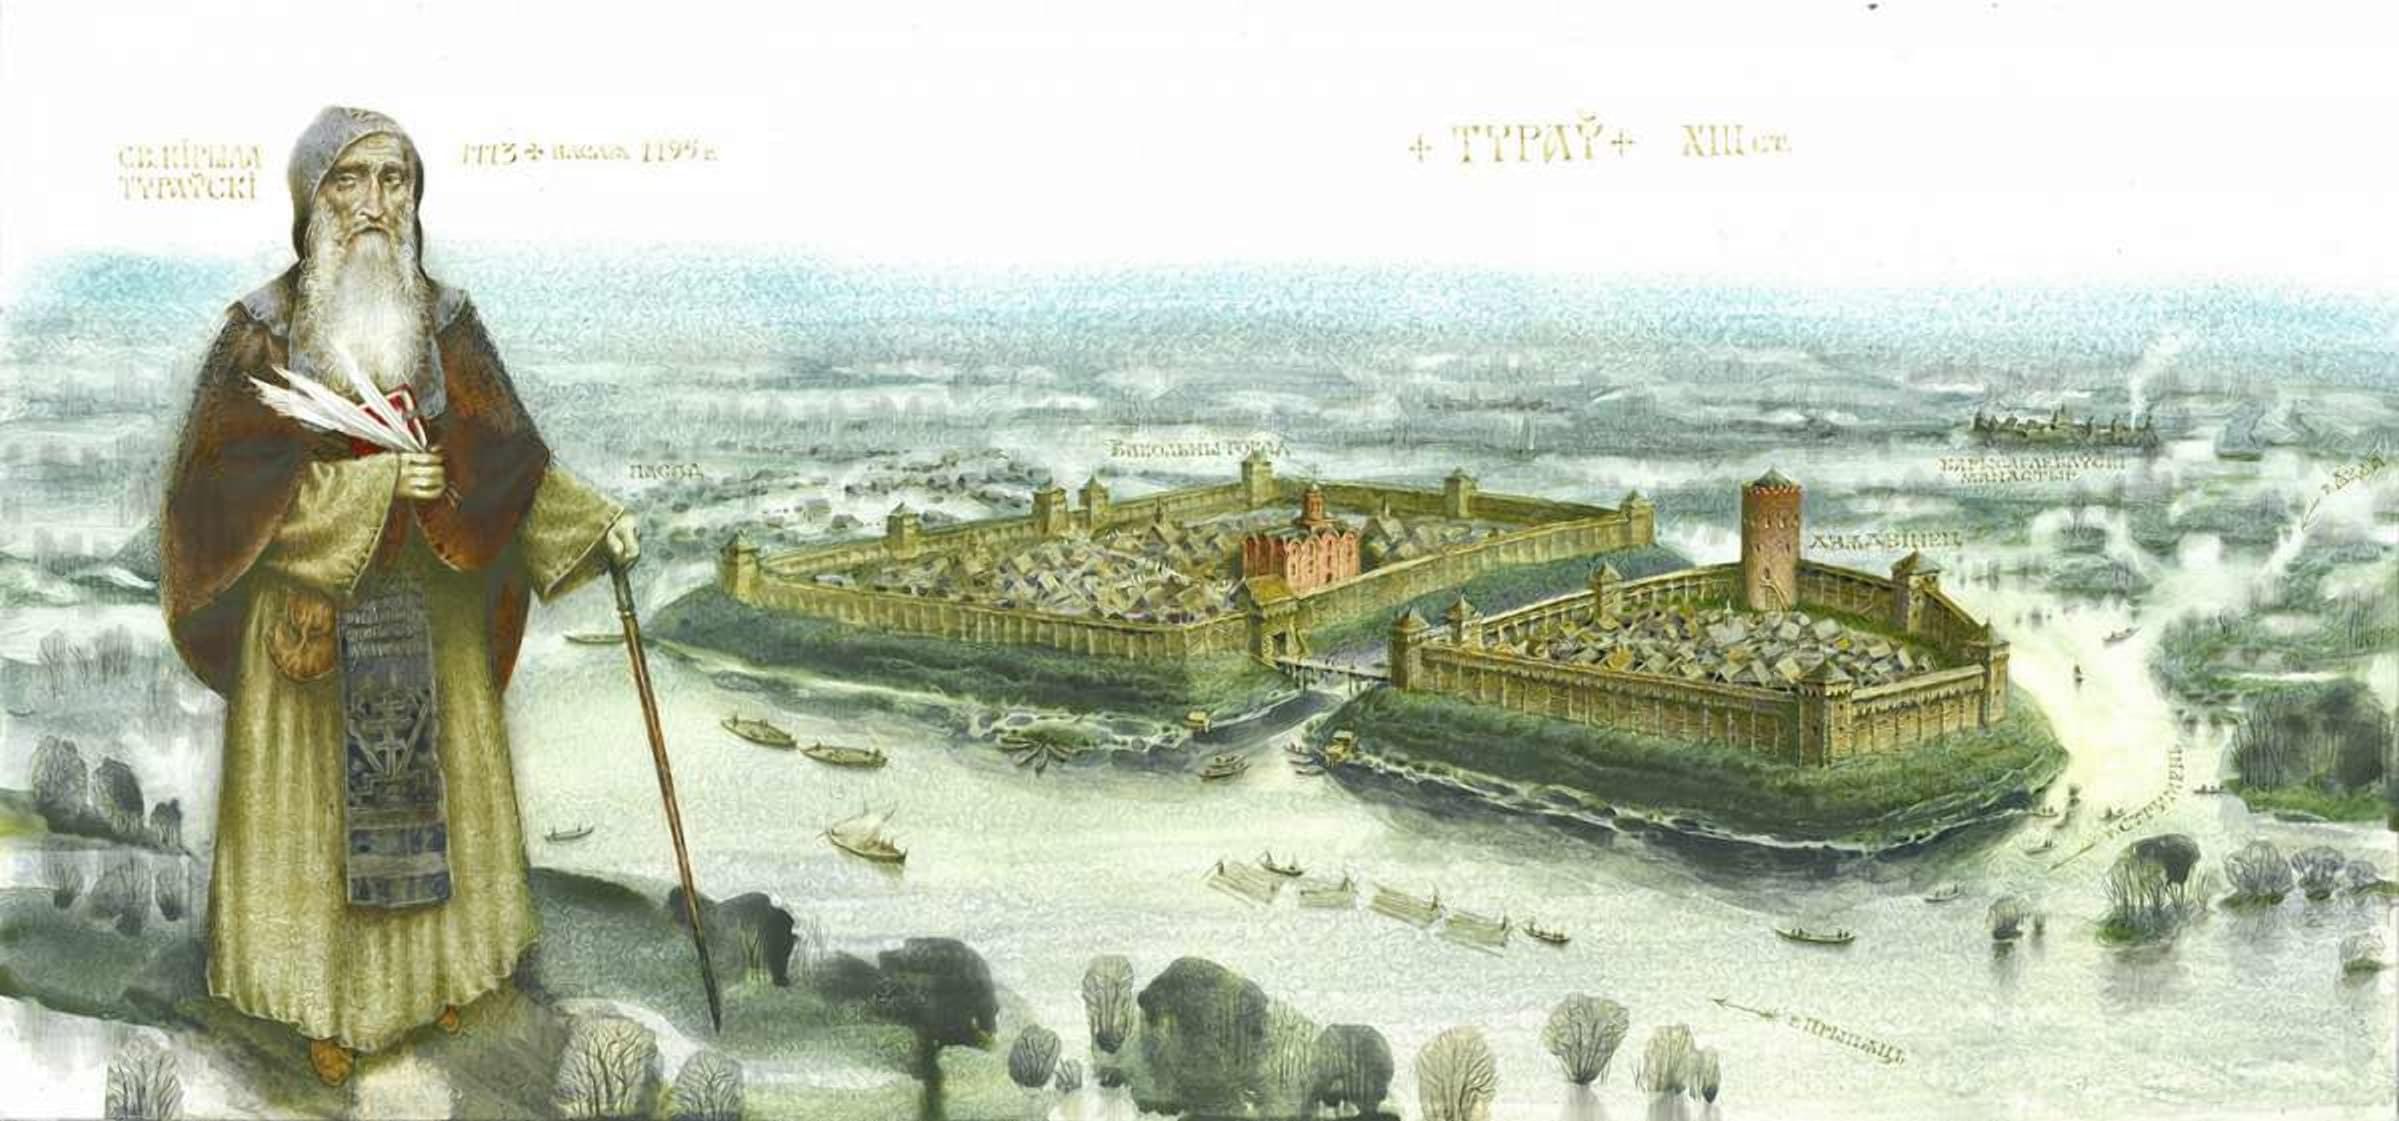 Туров был третьим по величине городом Киевской Руси